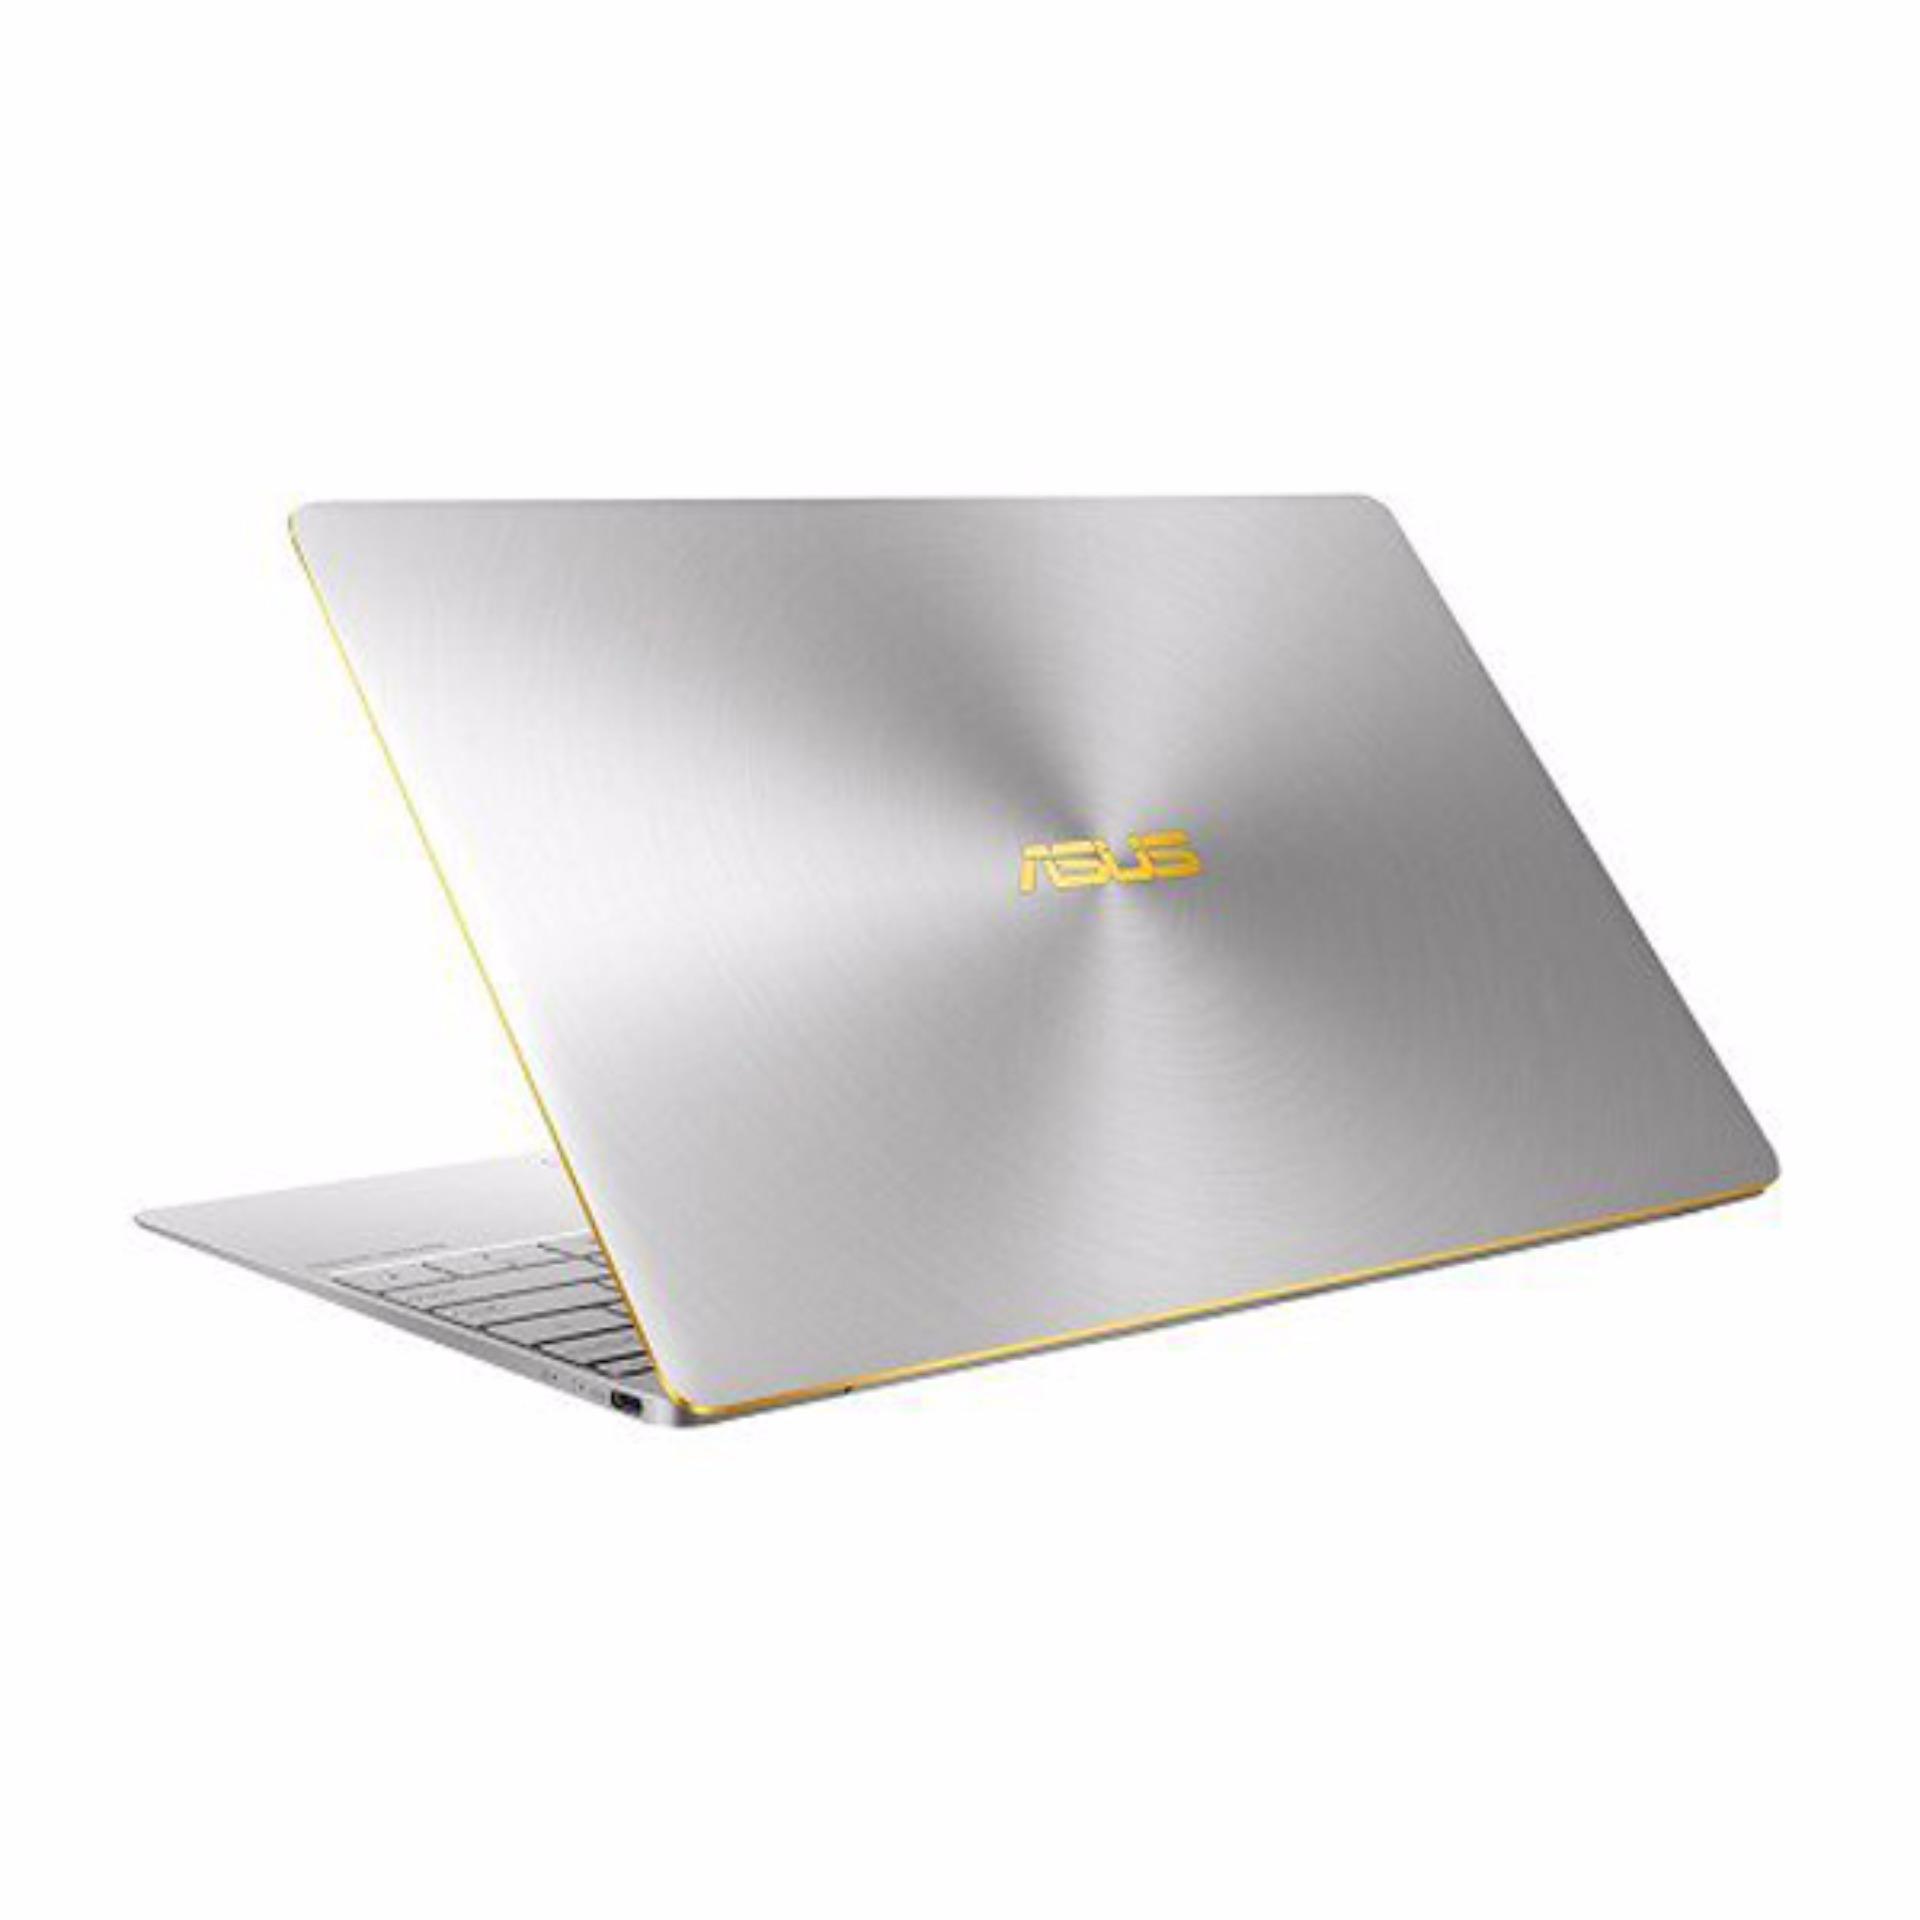 Beli Asus Zenbook 3 Ux390Ua Grey Terbaru